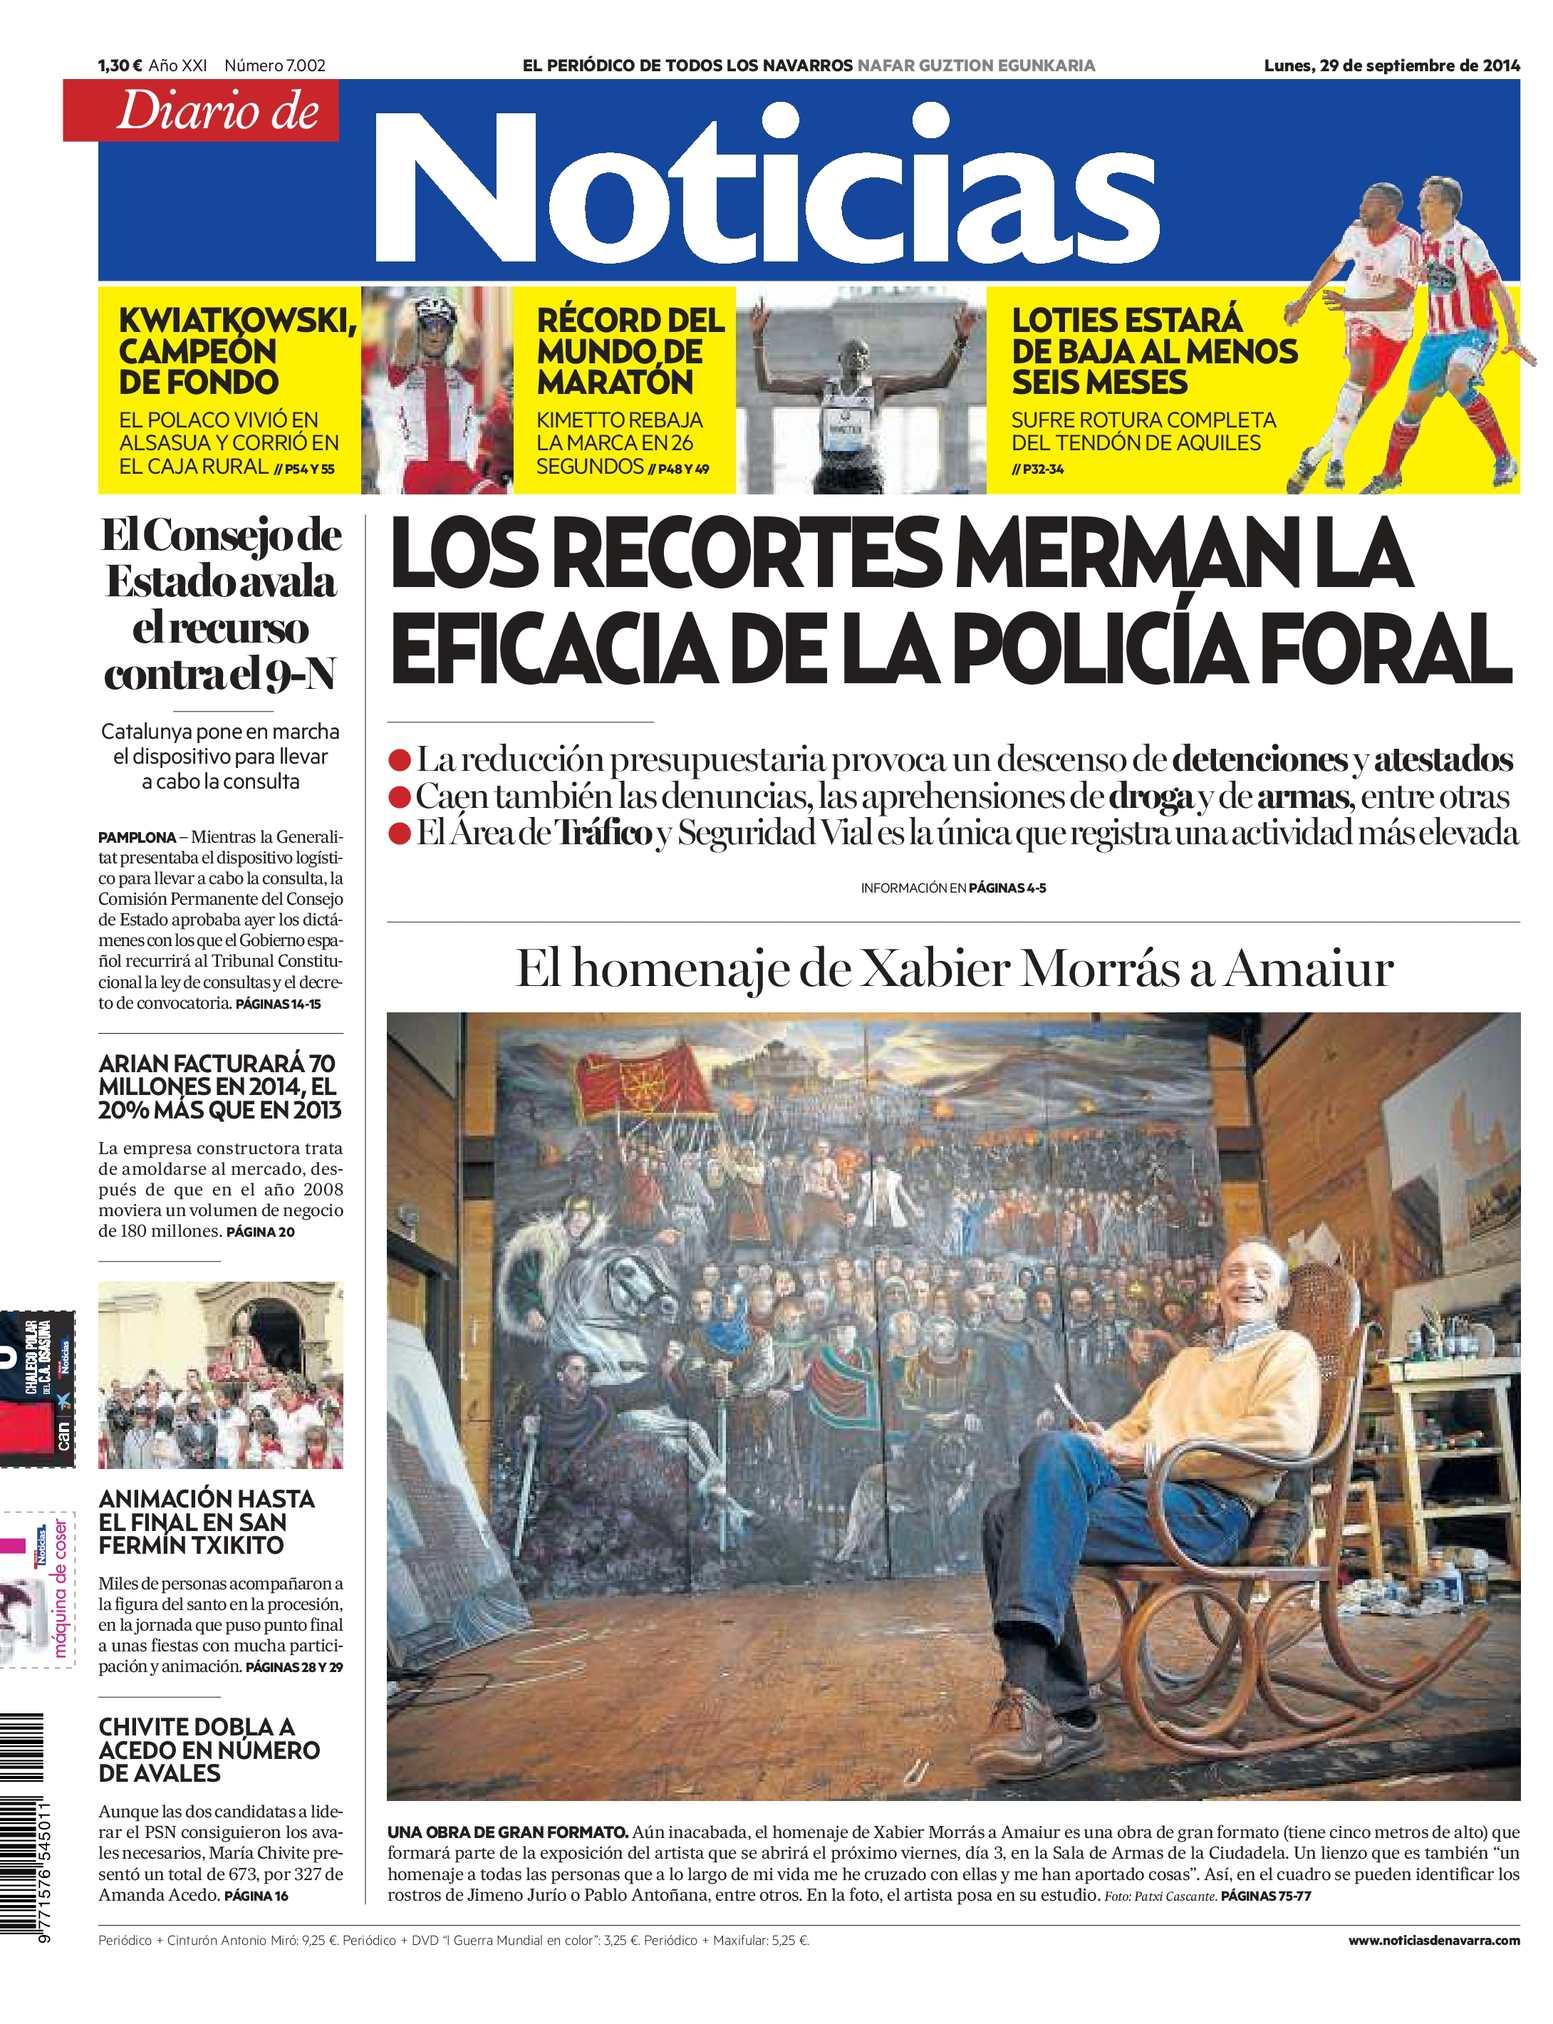 Calaméo - Diario de Noticias 20140929